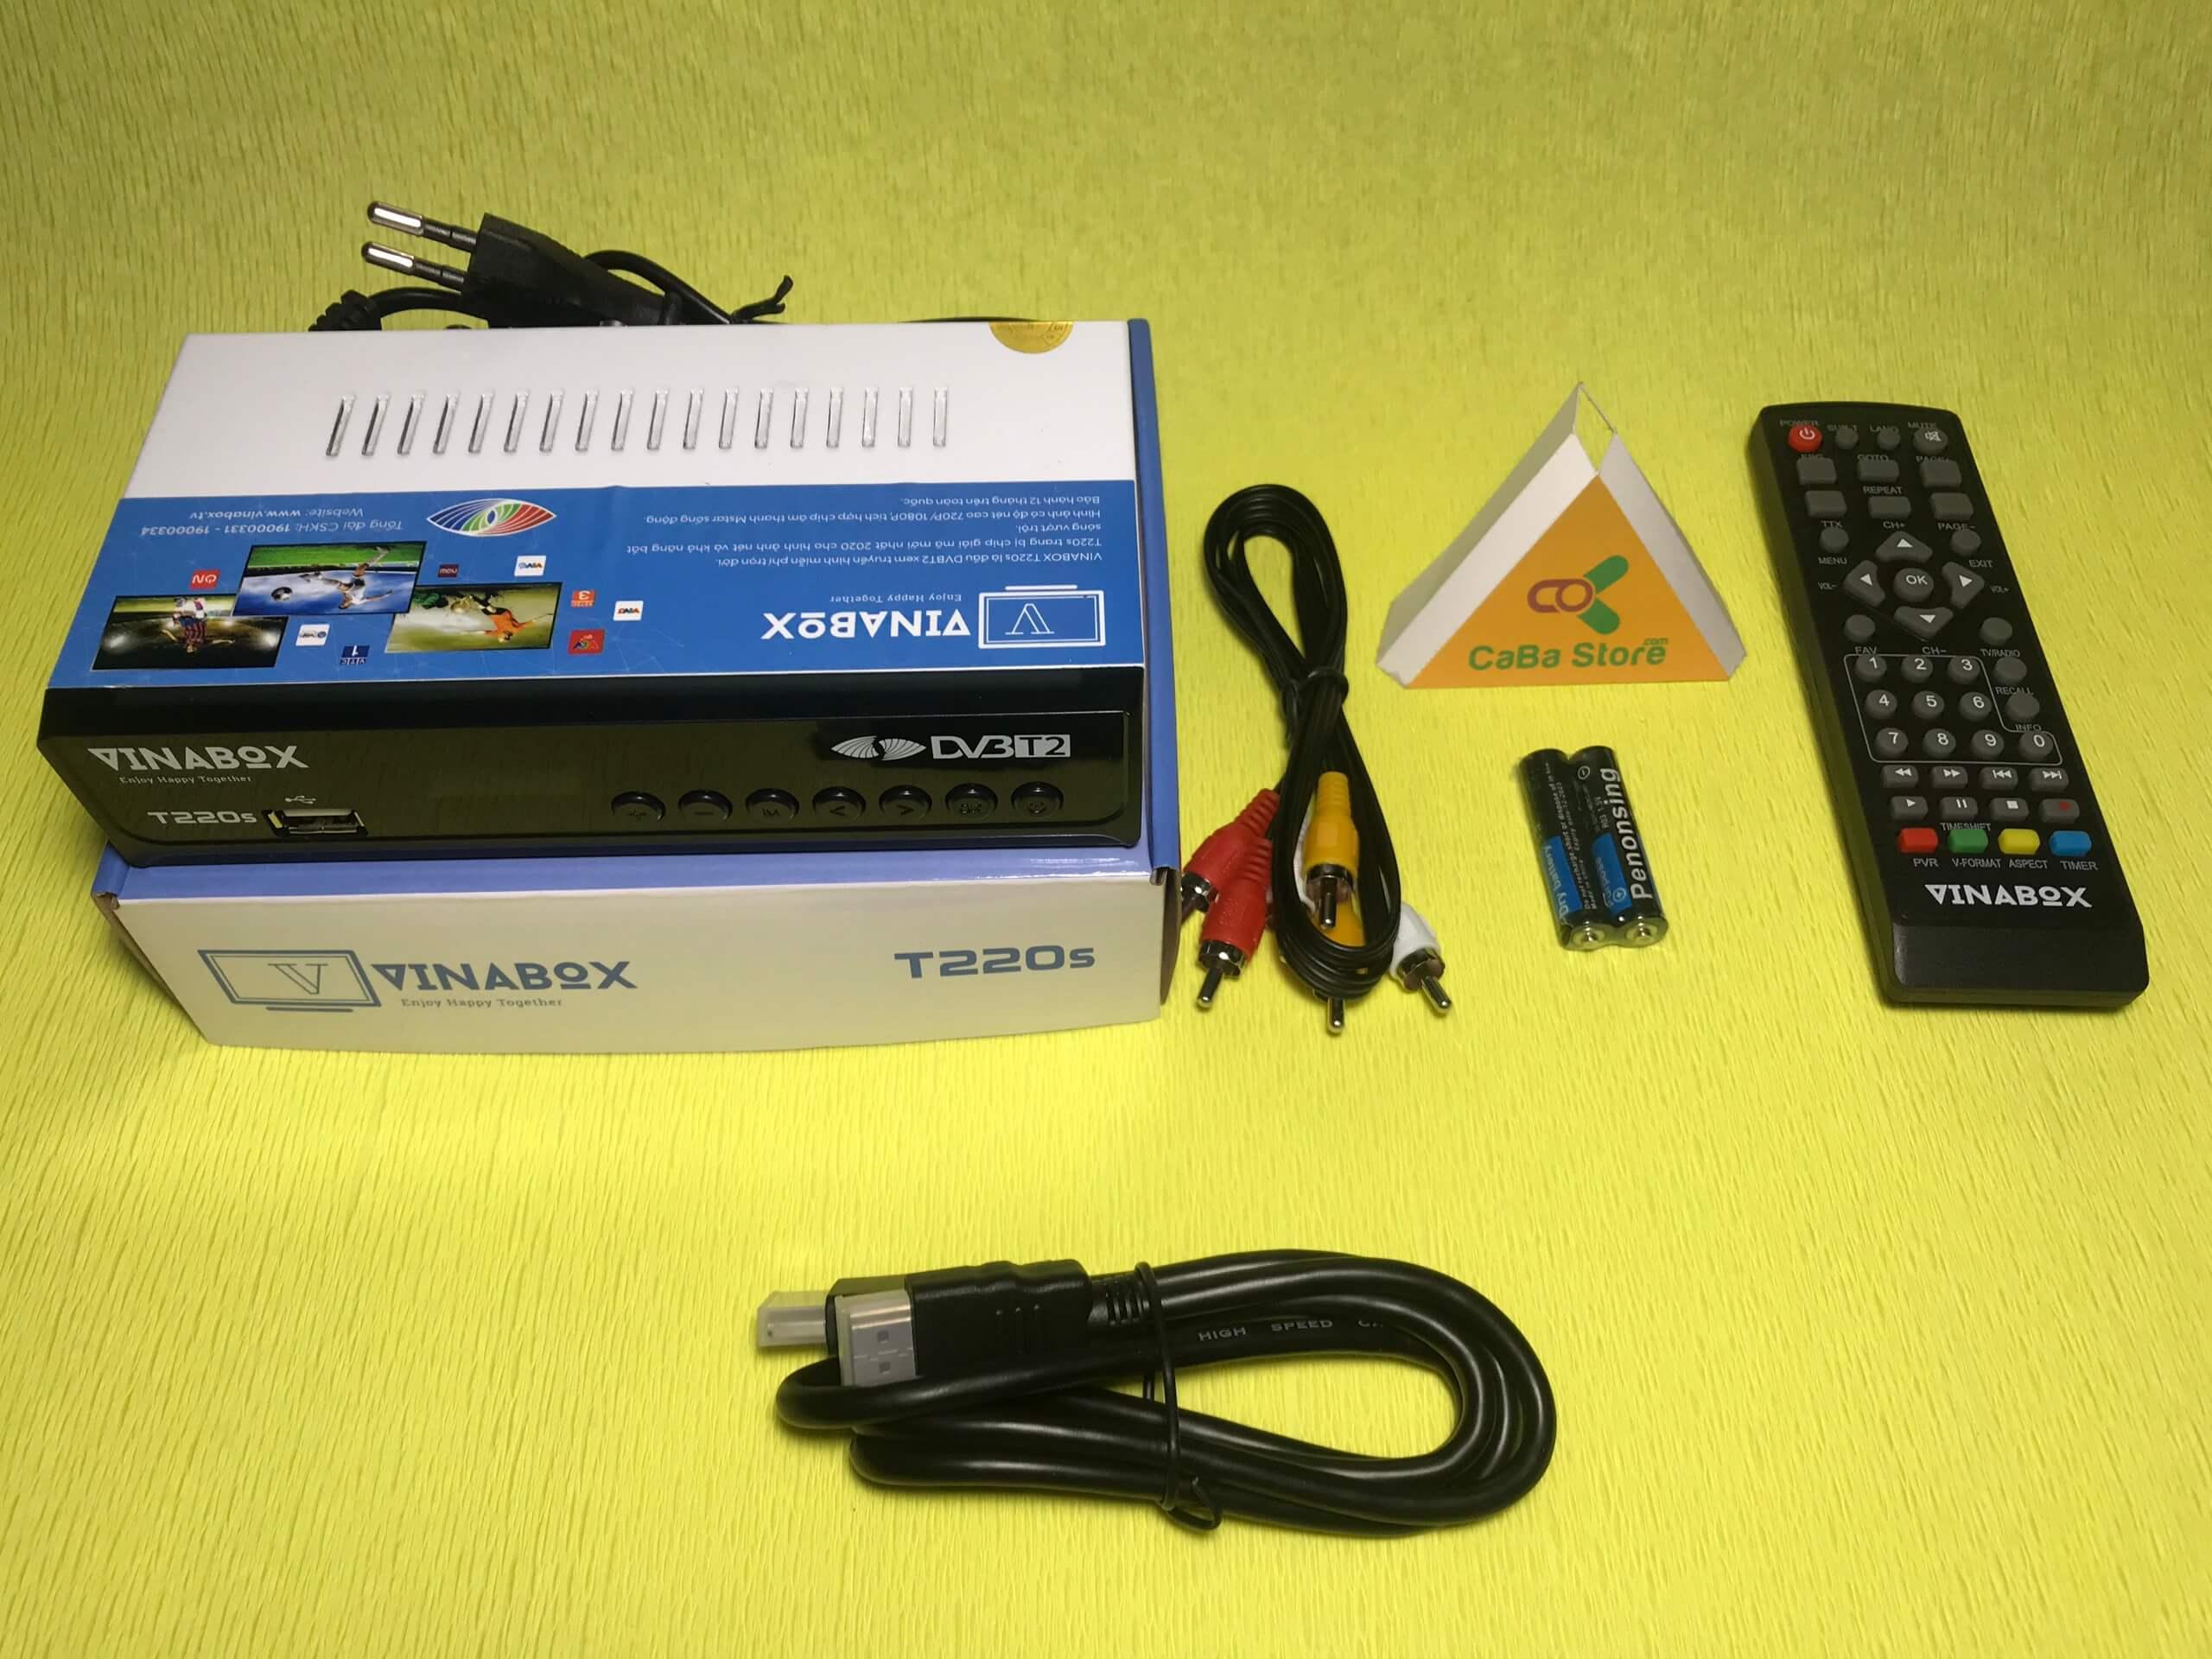 Đầu thu mặt đất Vibabox T220s + Dây HDMI 1m | Giao hàng miễn phí